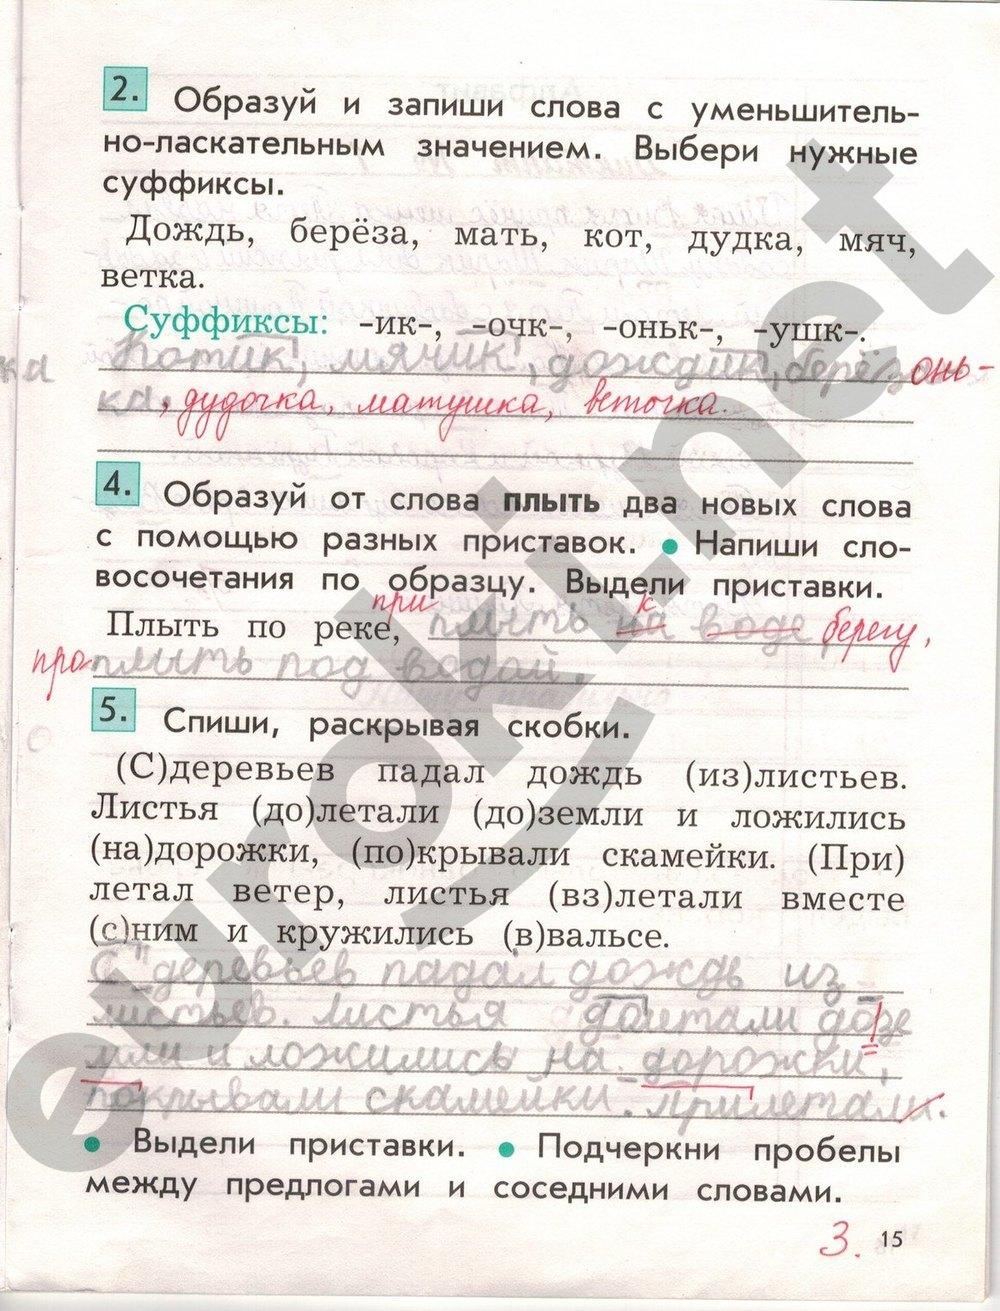 гдз по проверочным работам 4 класс по русскому языку бунеев